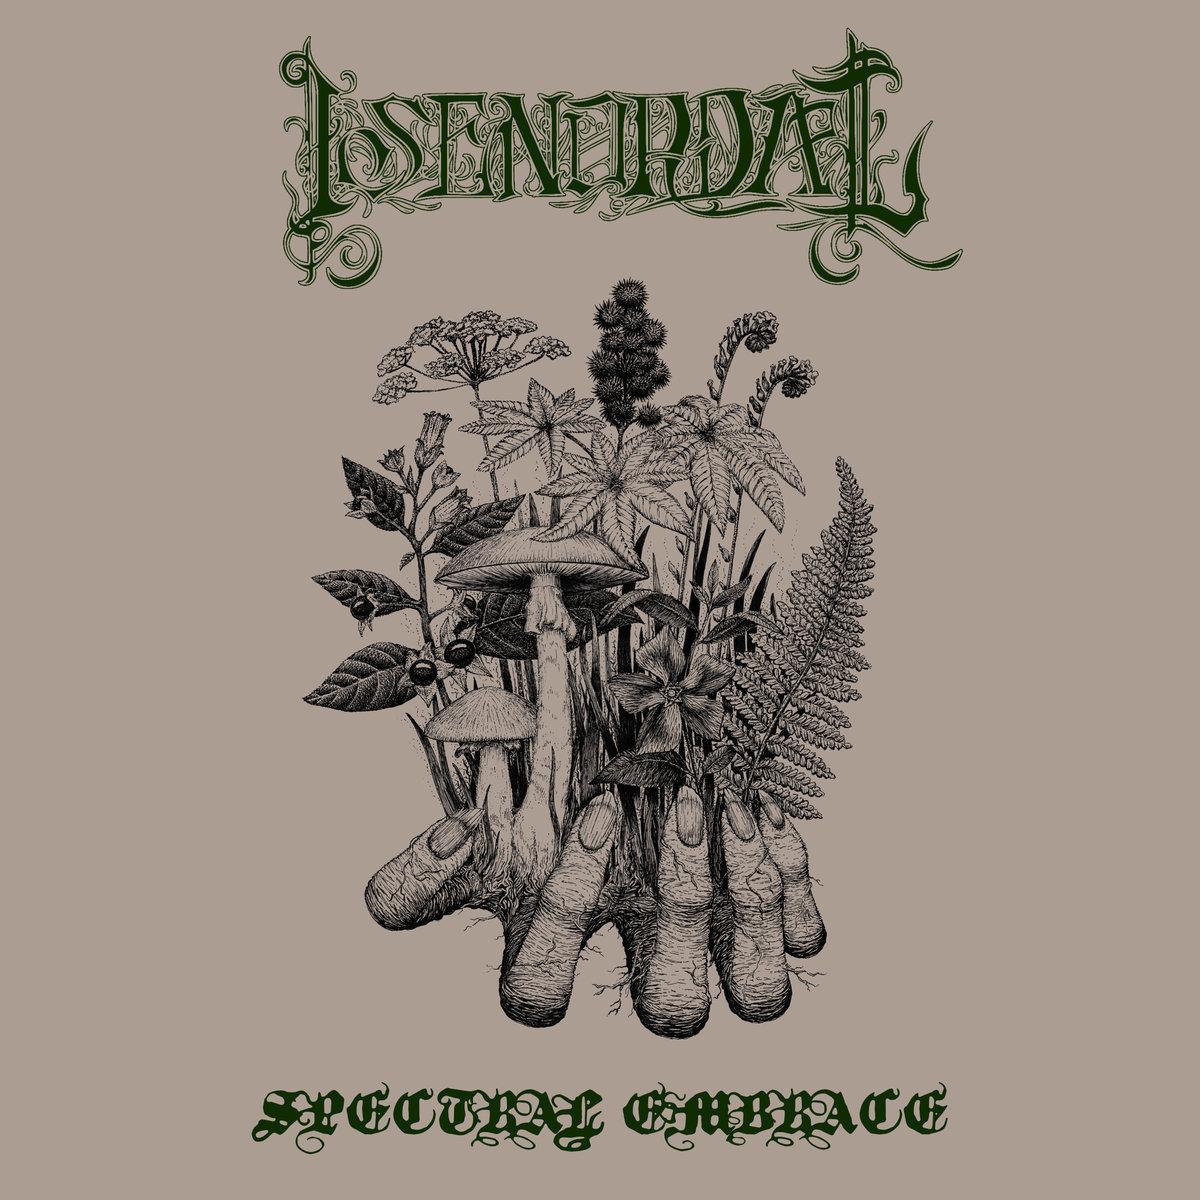 Isenordal (e/m)